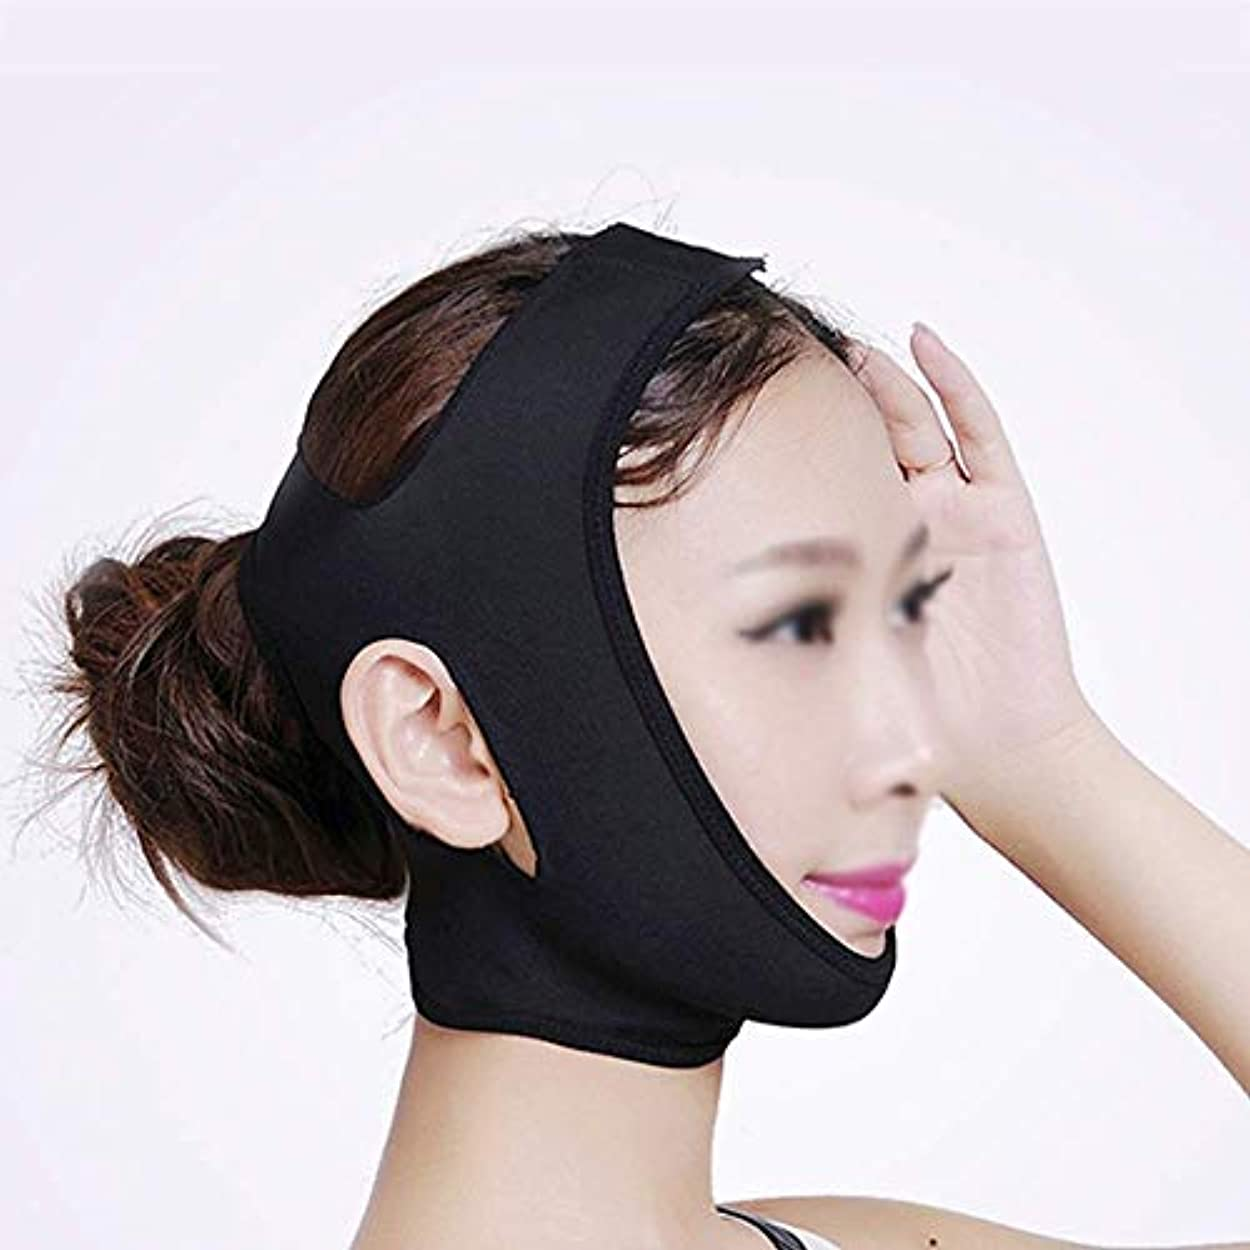 フェイシャル減量マスクリフティングフェイス、フェイスマスク、減量包帯を除去するためのダブルチン、フェイシャルリフティング包帯、ダブルチンを減らすためのリフティングベルト(カラー:ブラック、サイズ:M),ブラック、XL